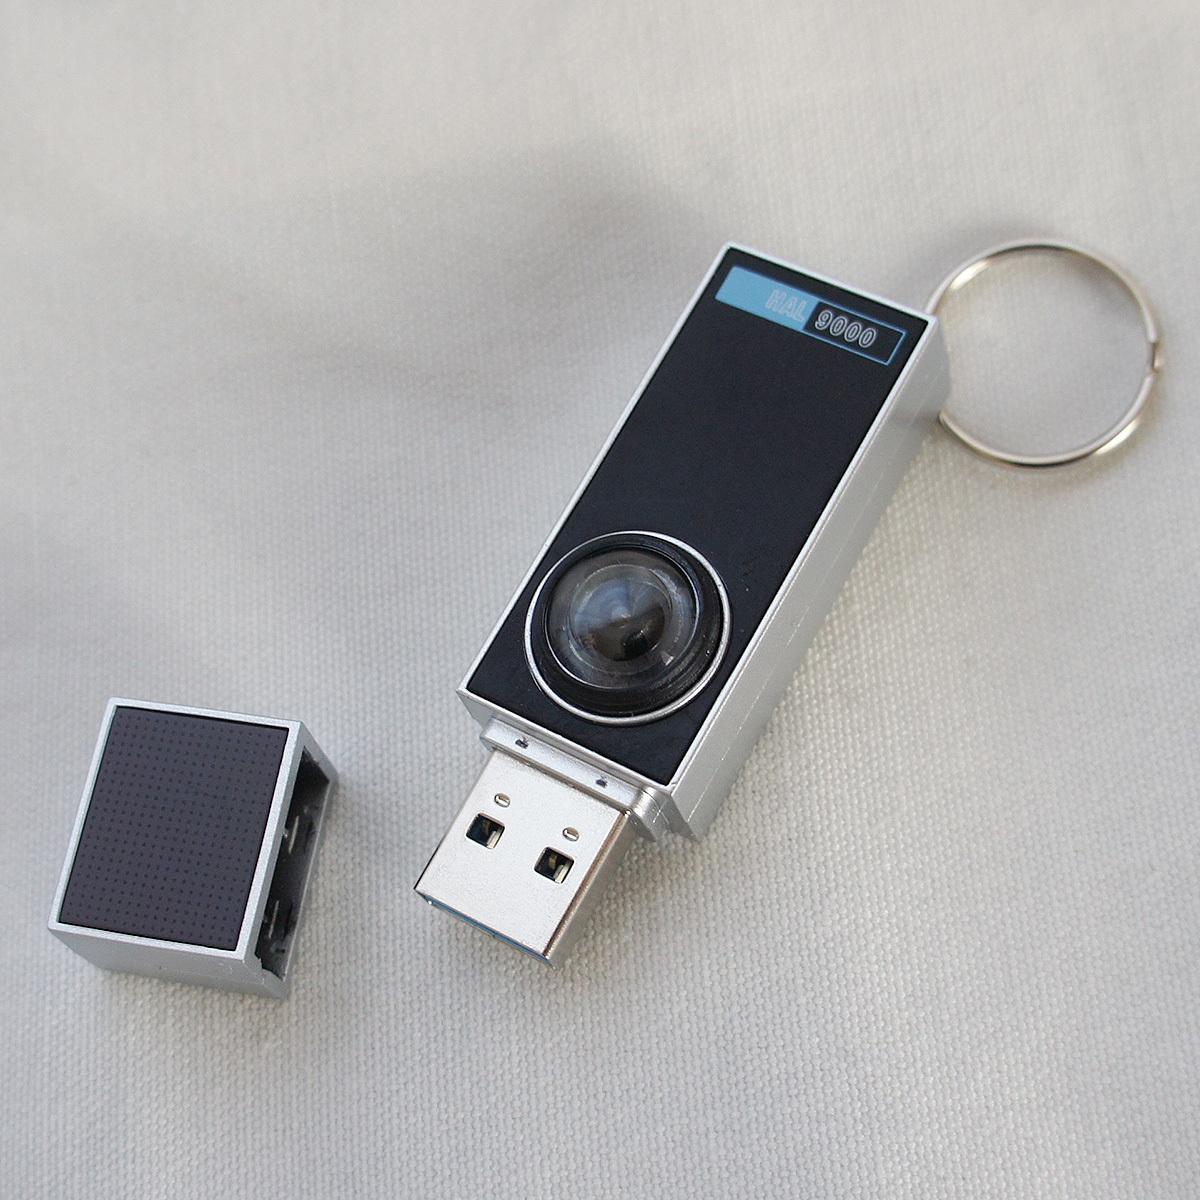 2001年宇宙の旅 HAL 9000 USBメモリ 16GB 新品・送料無料・マスターレプリカグループ製 Master Replicas Group USB 3.0 Flash Drive_画像4